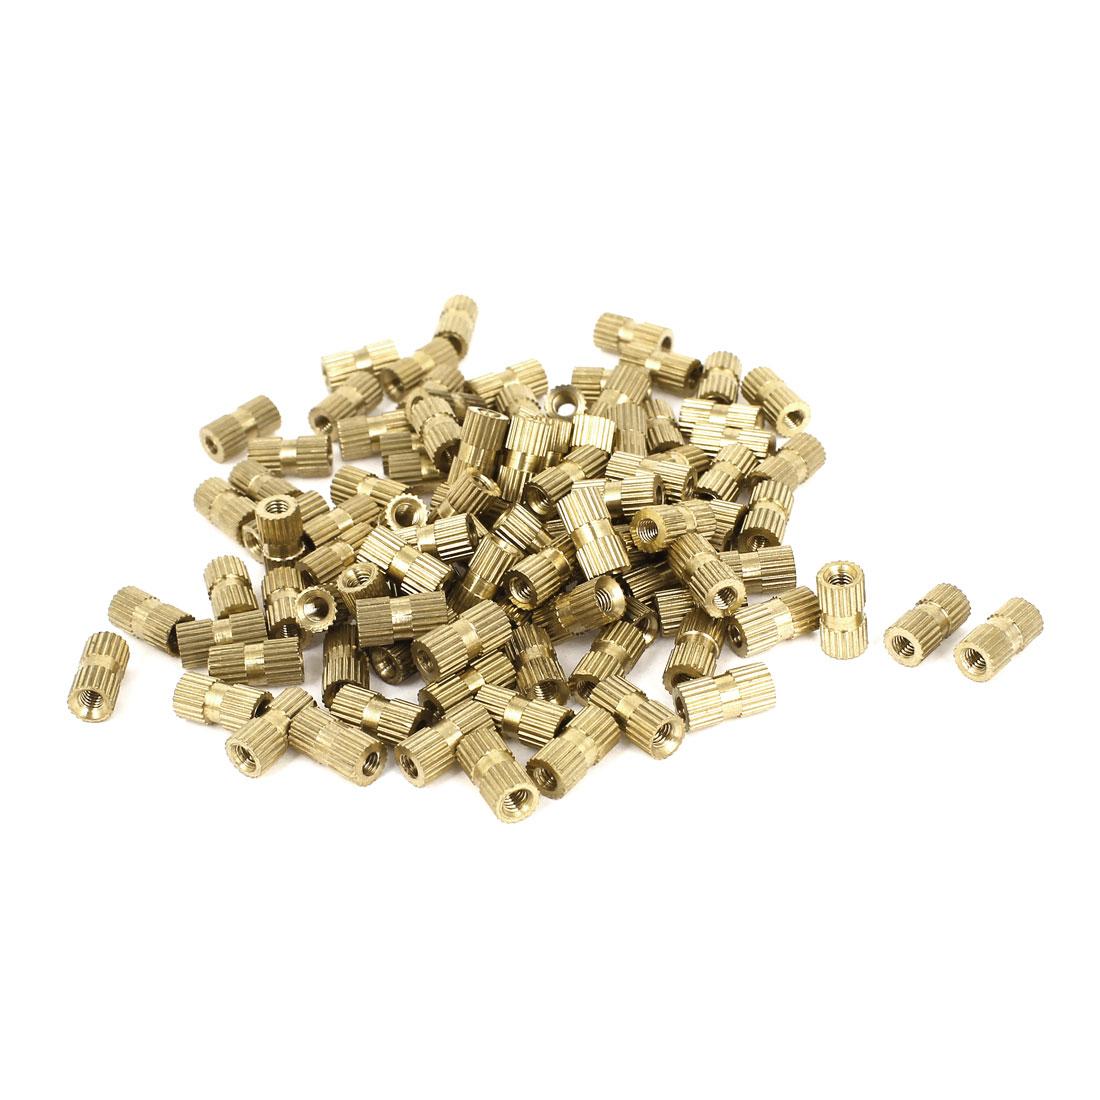 100 Pcs M3x10mm(L)-5mm(OD) Metric Threaded Nut Brass Knurl Insert Nuts Gold Tone